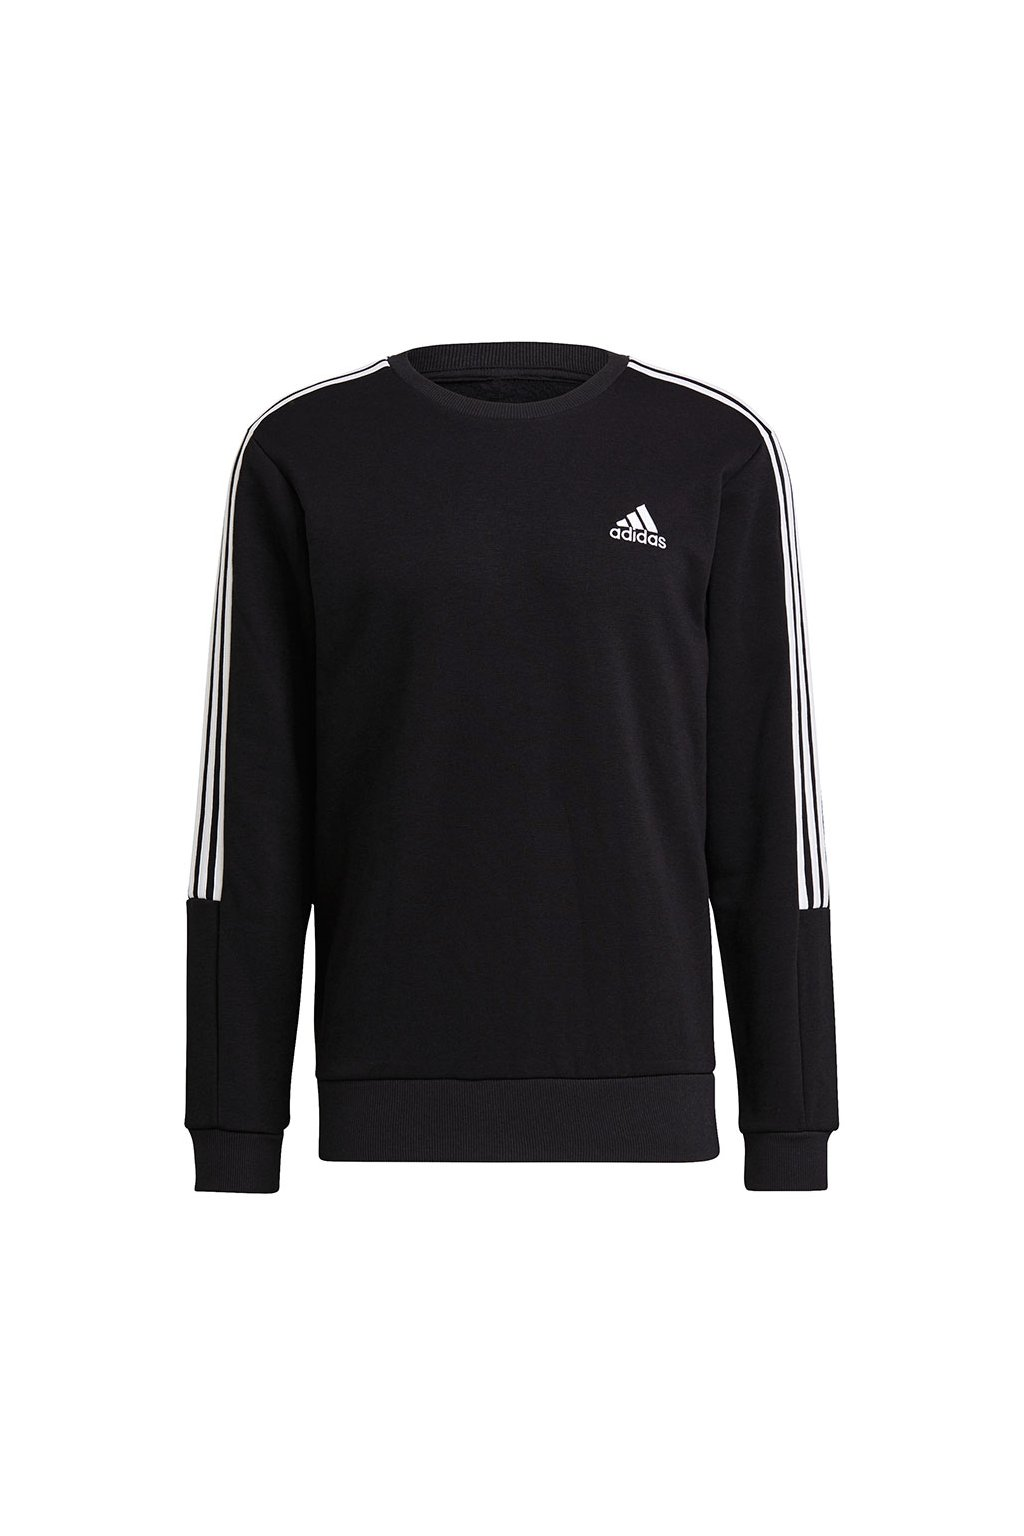 Pánska mikina adidas Essentials Sweatshirt čierna GK9579